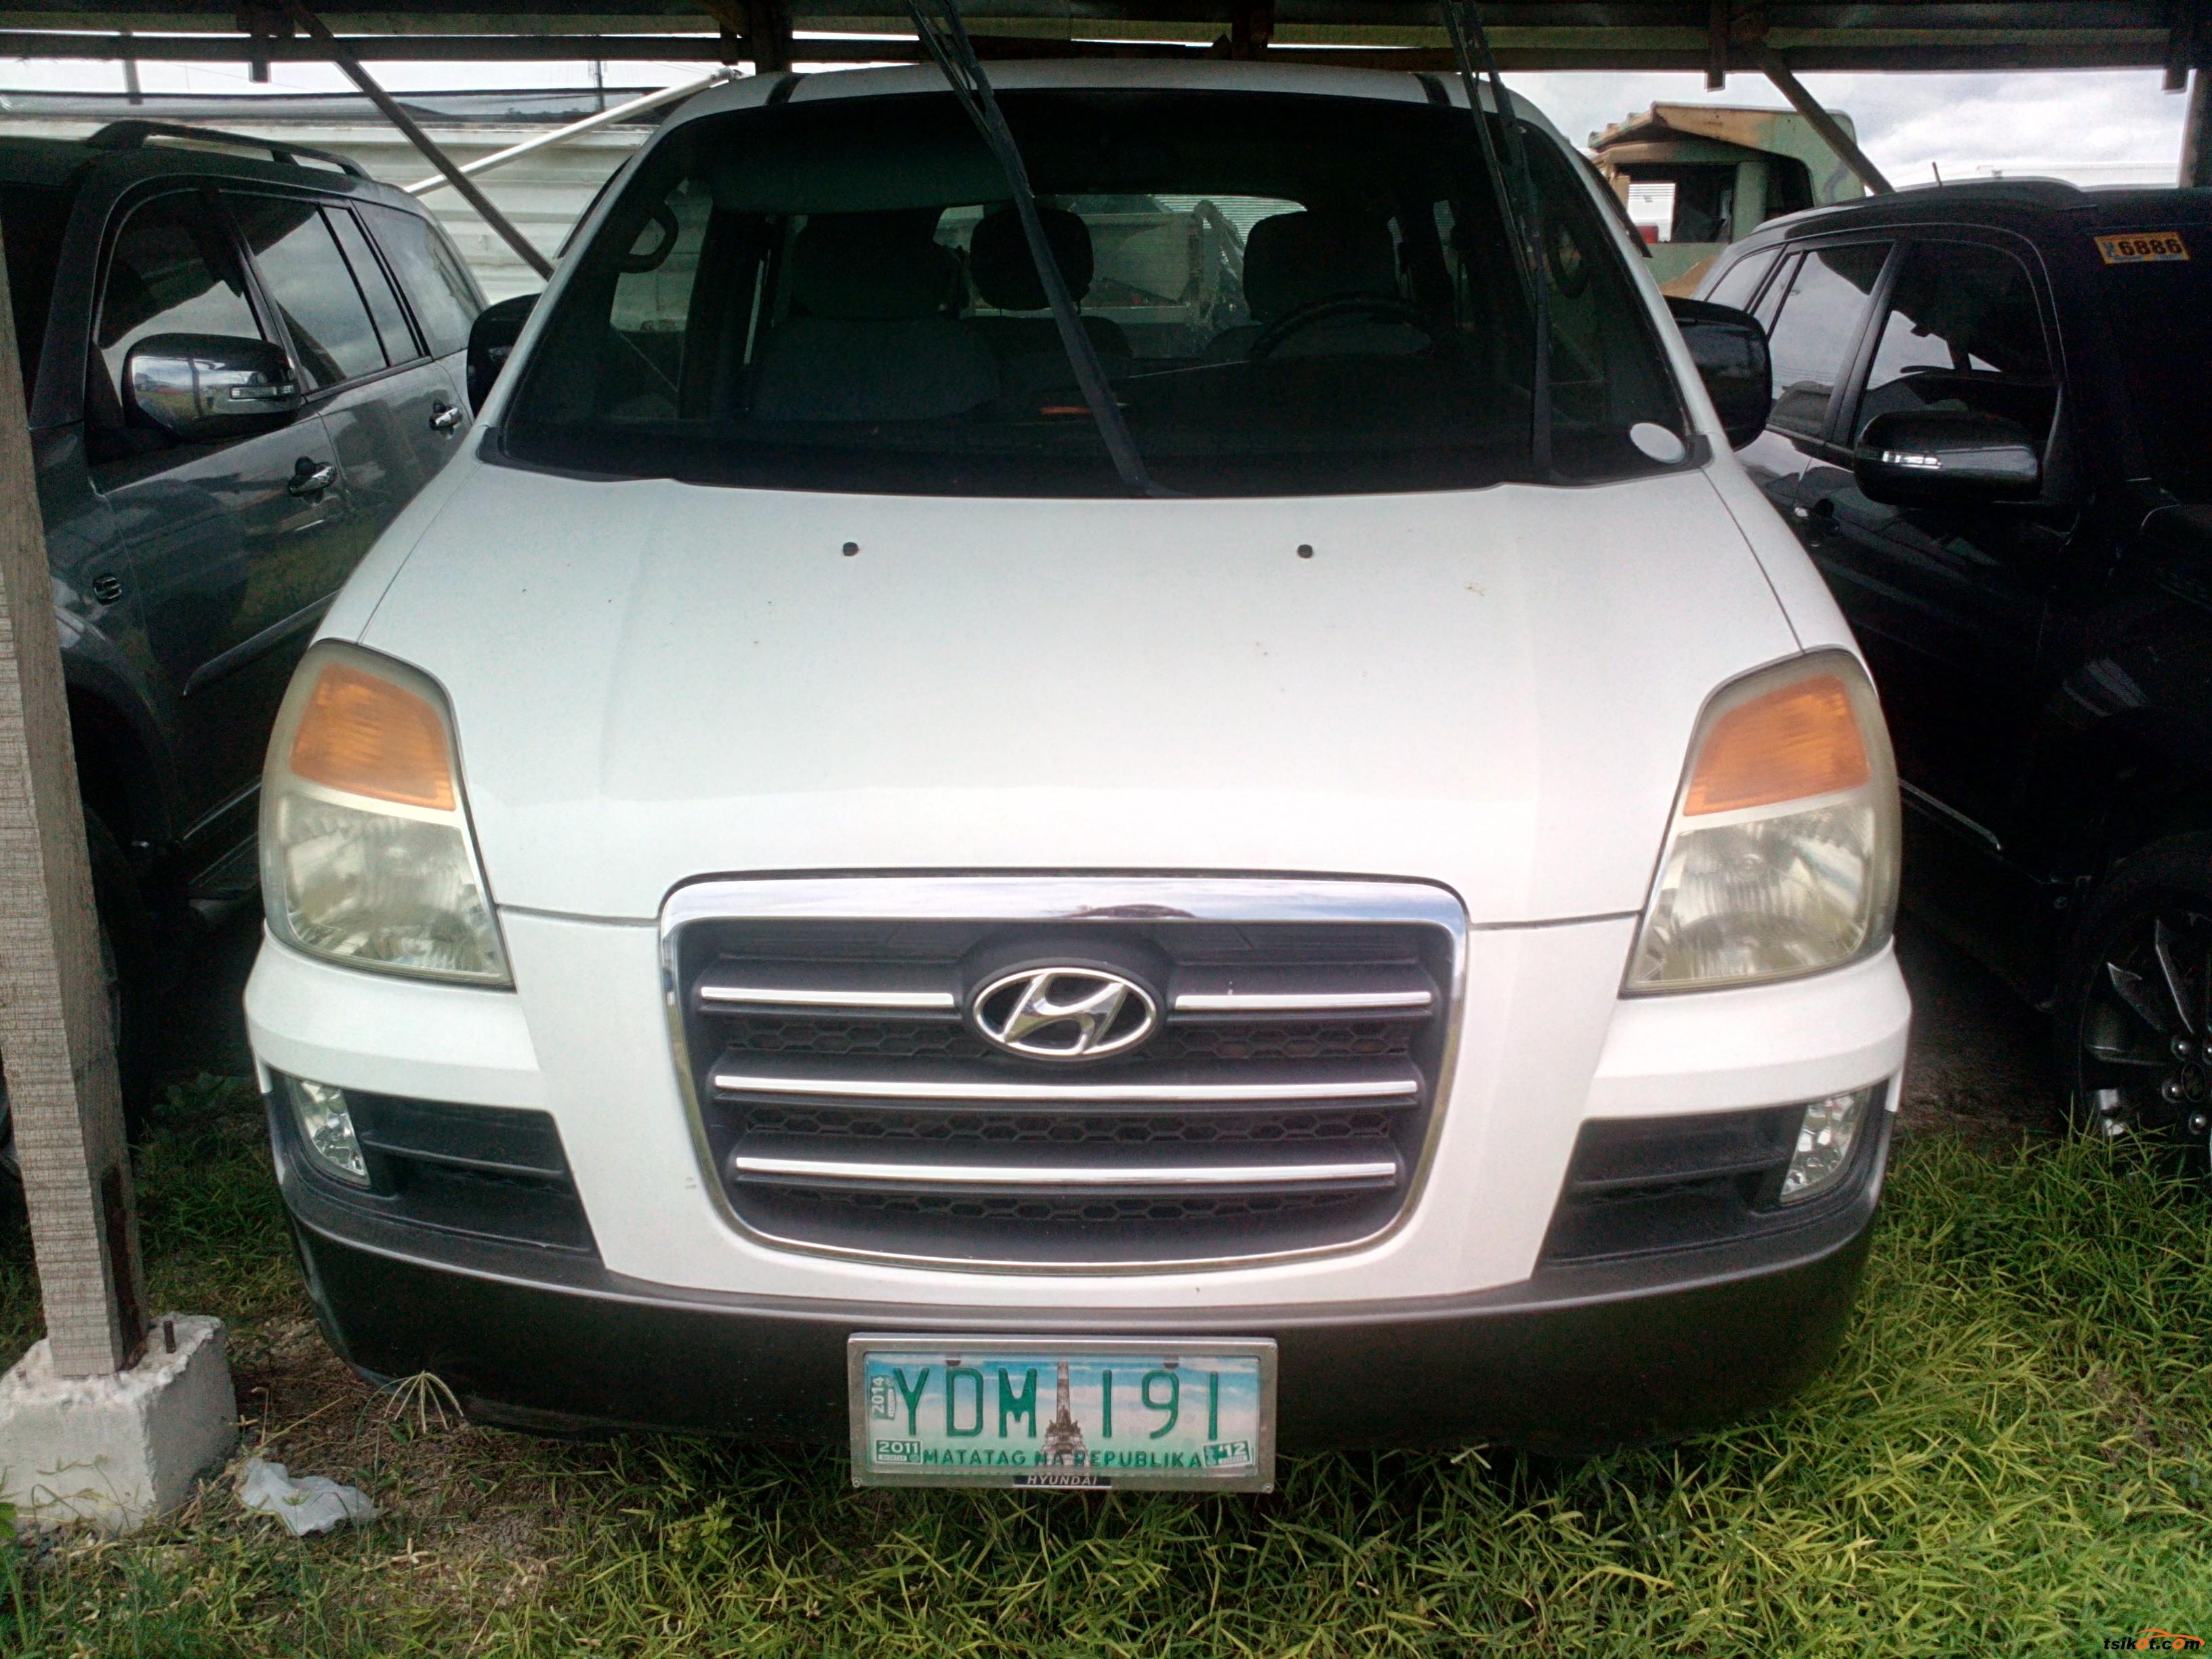 Hyundai Starex 2007 - 1